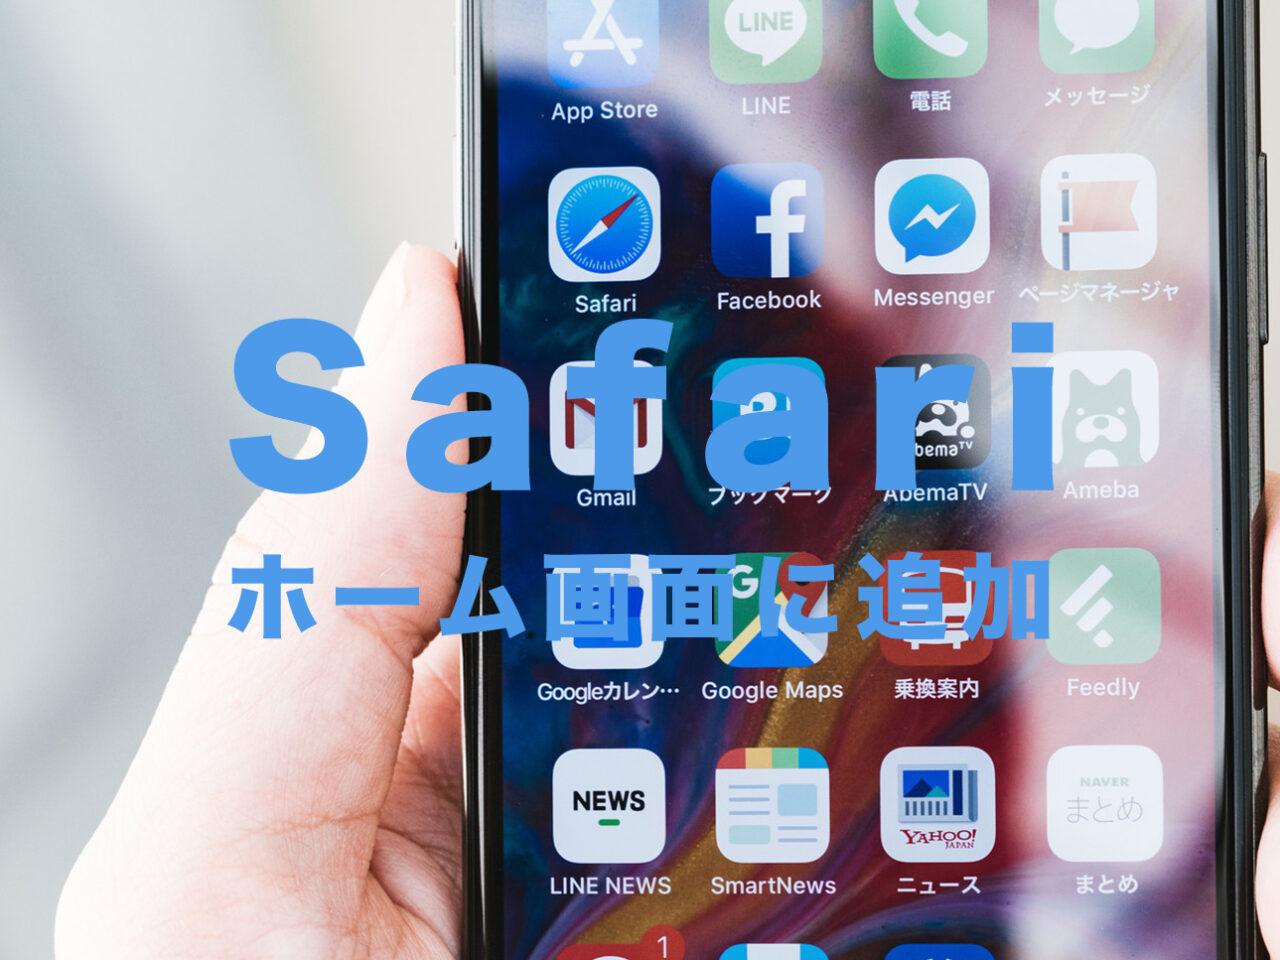 iPhoneのSafariでブックマークをホーム画面に追加するやり方は?【サファリ】のサムネイル画像